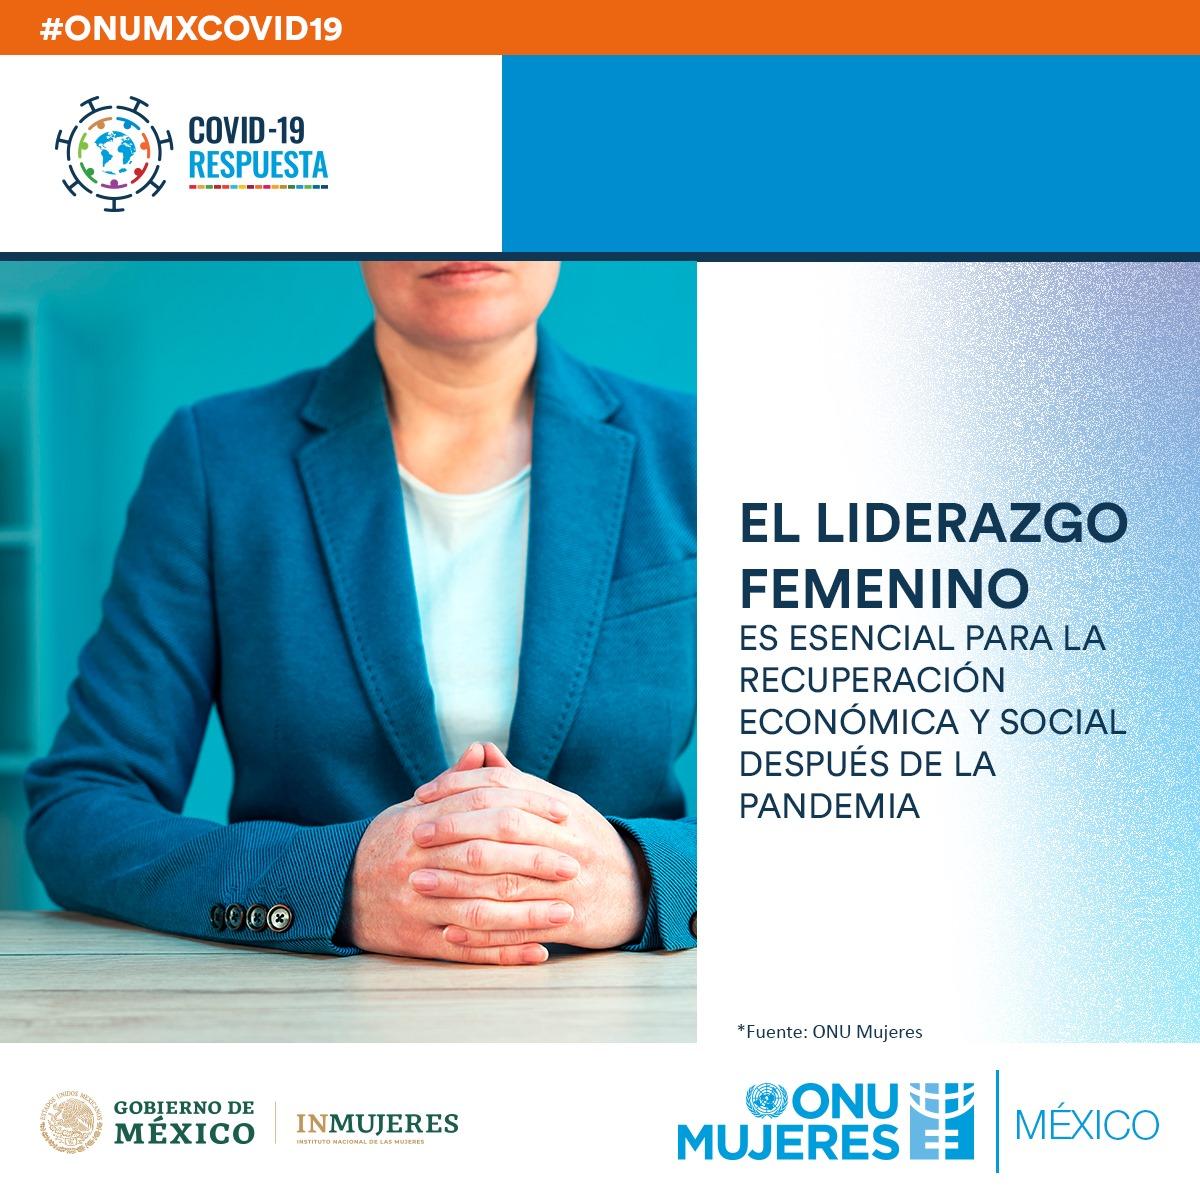 La respuesta al impacto de la pandemia debe asegurar la participación igualitaria de las mujeres en la toma de decisiones. Entérate aquí:  #ONUMxCovid19